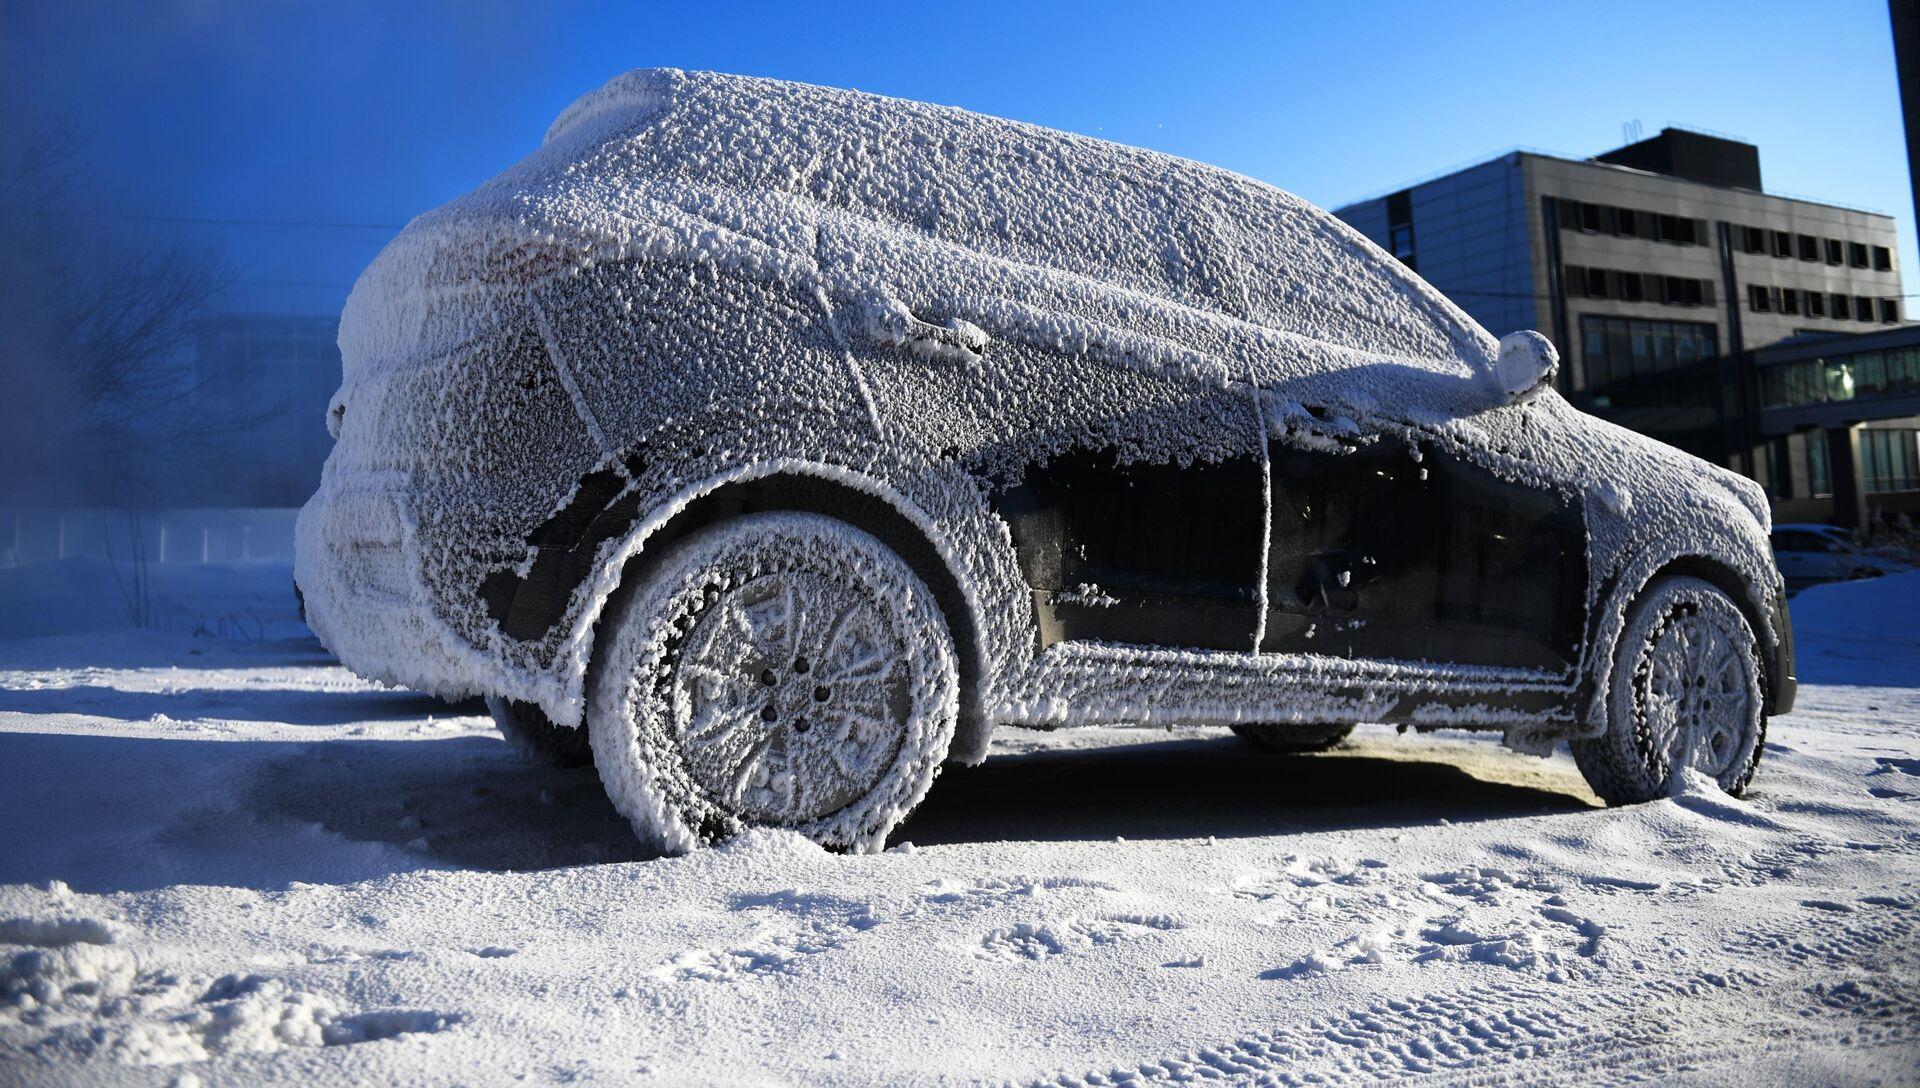 Автомобиль зимой. Архивное фото - РИА Новости, 1920, 22.01.2021